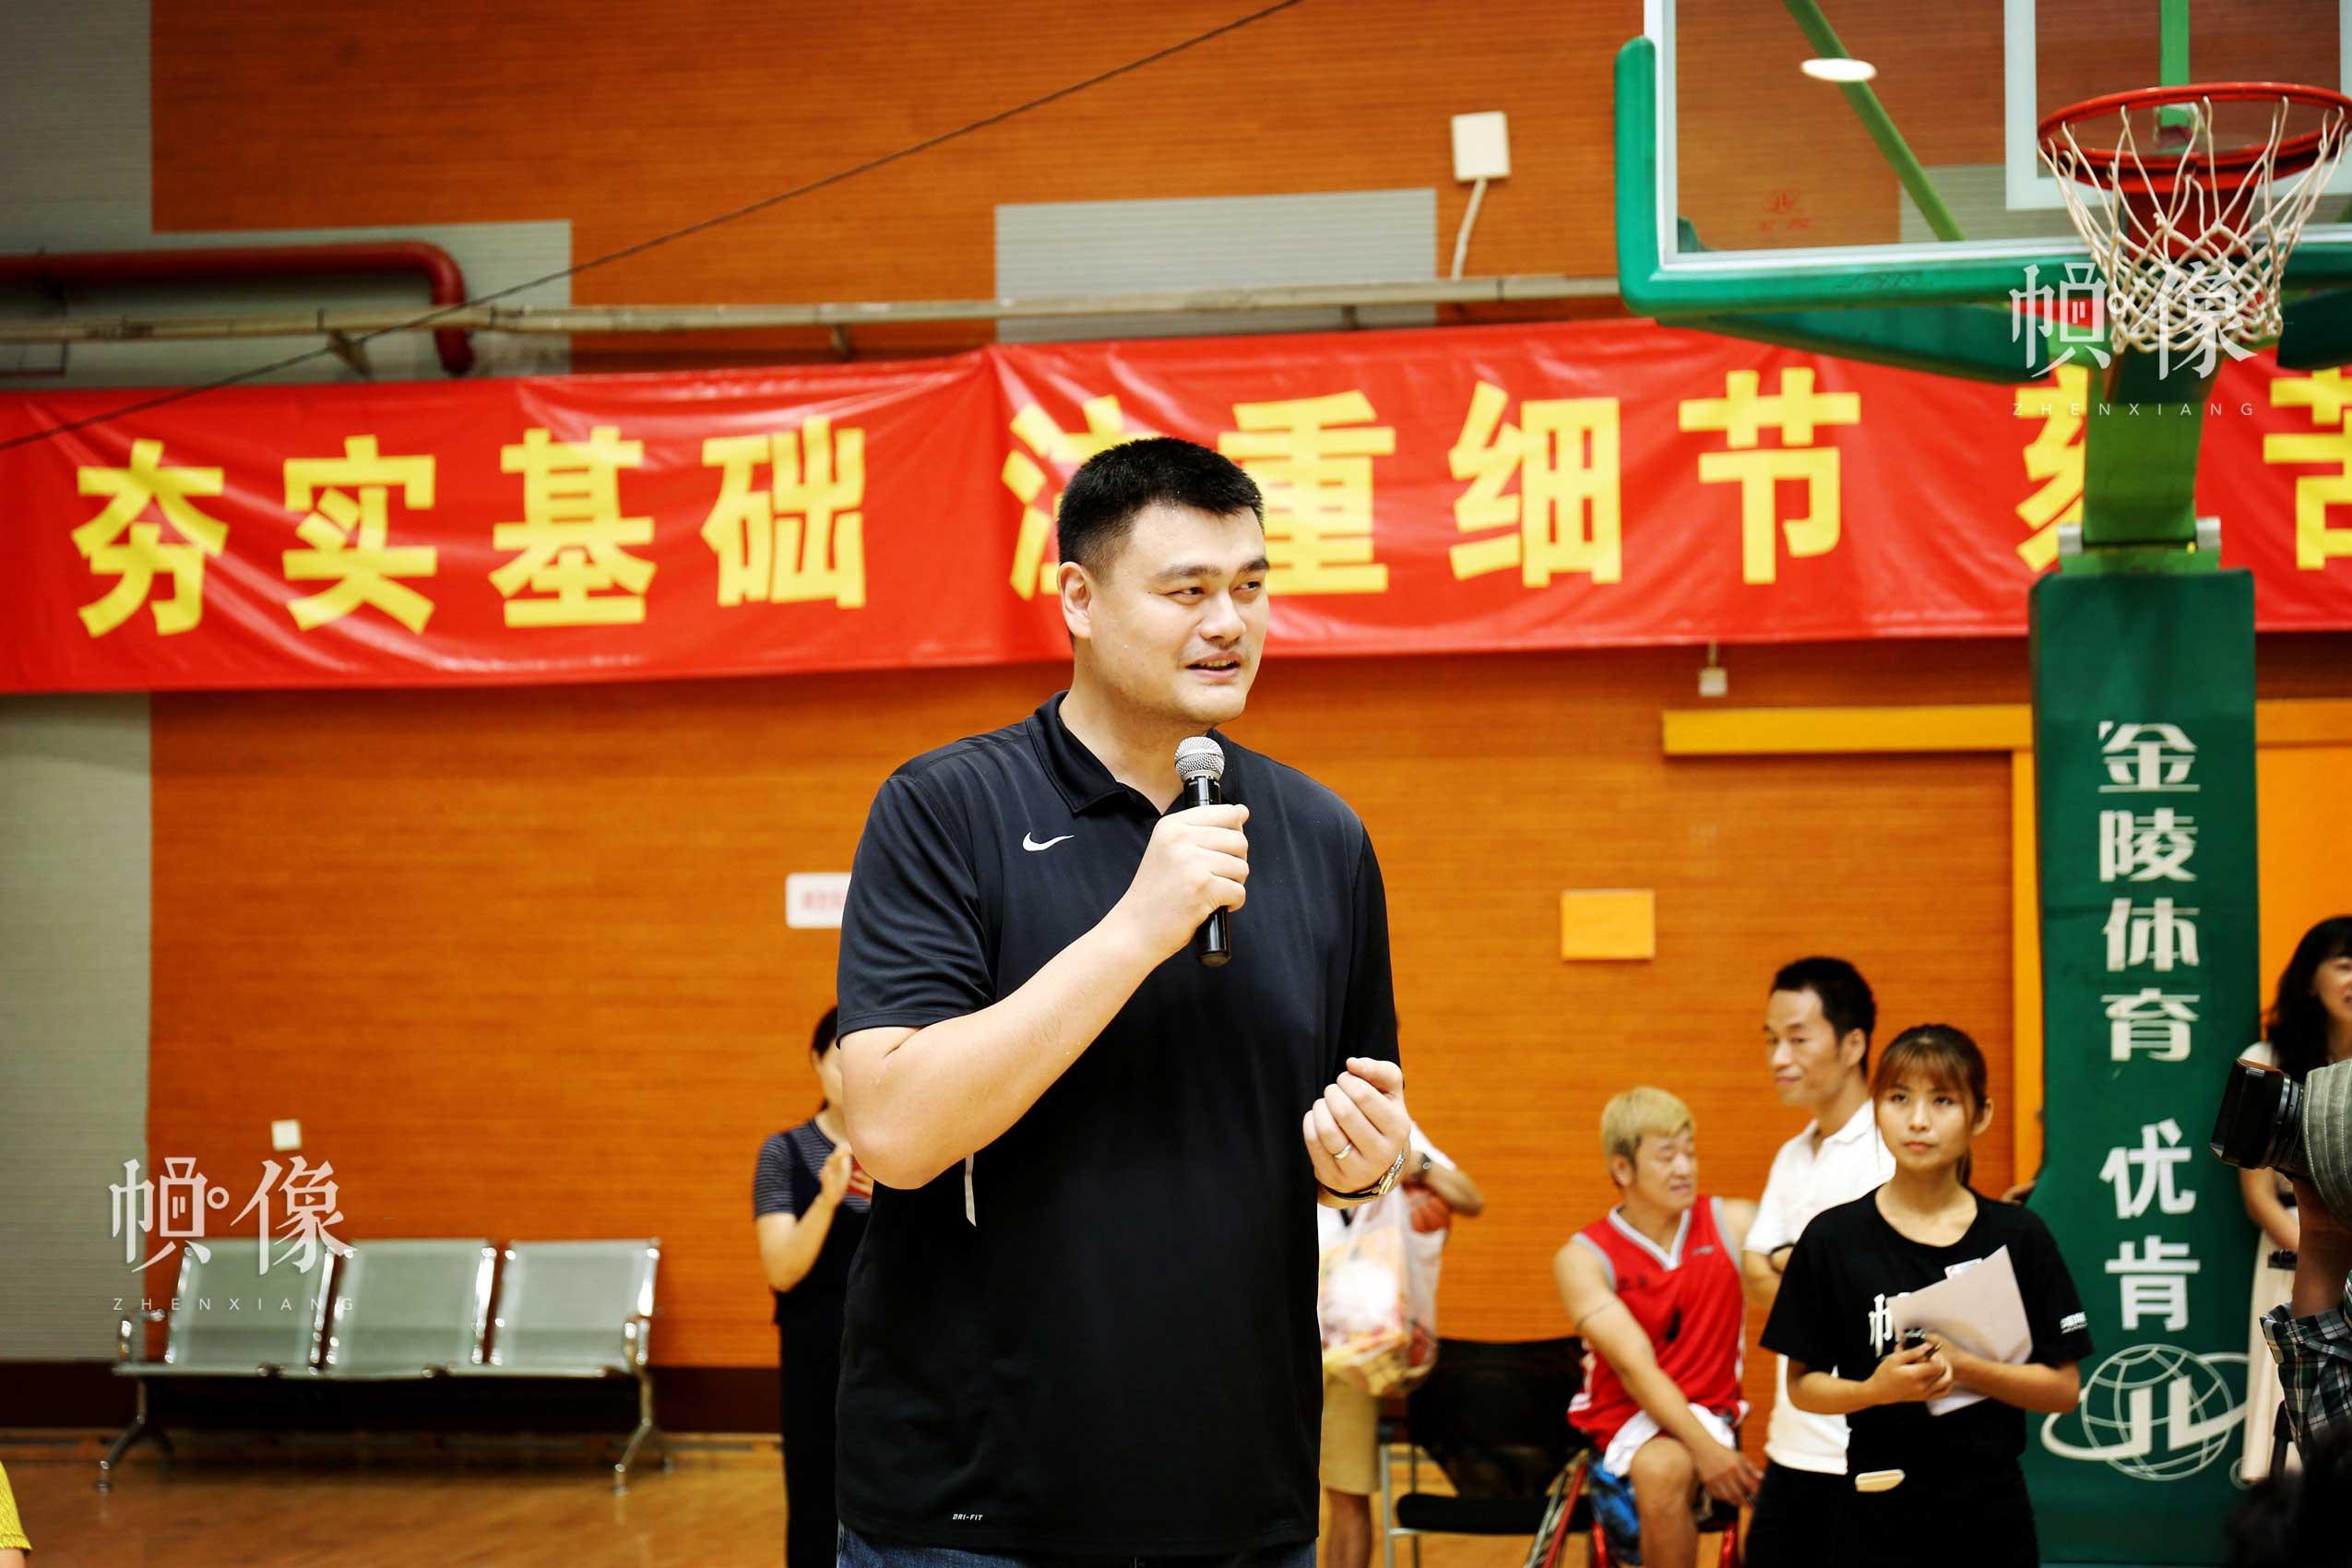 姚明在第七届残疾人健身周推广日活动现场致辞。中国网记者 王梦泽 摄